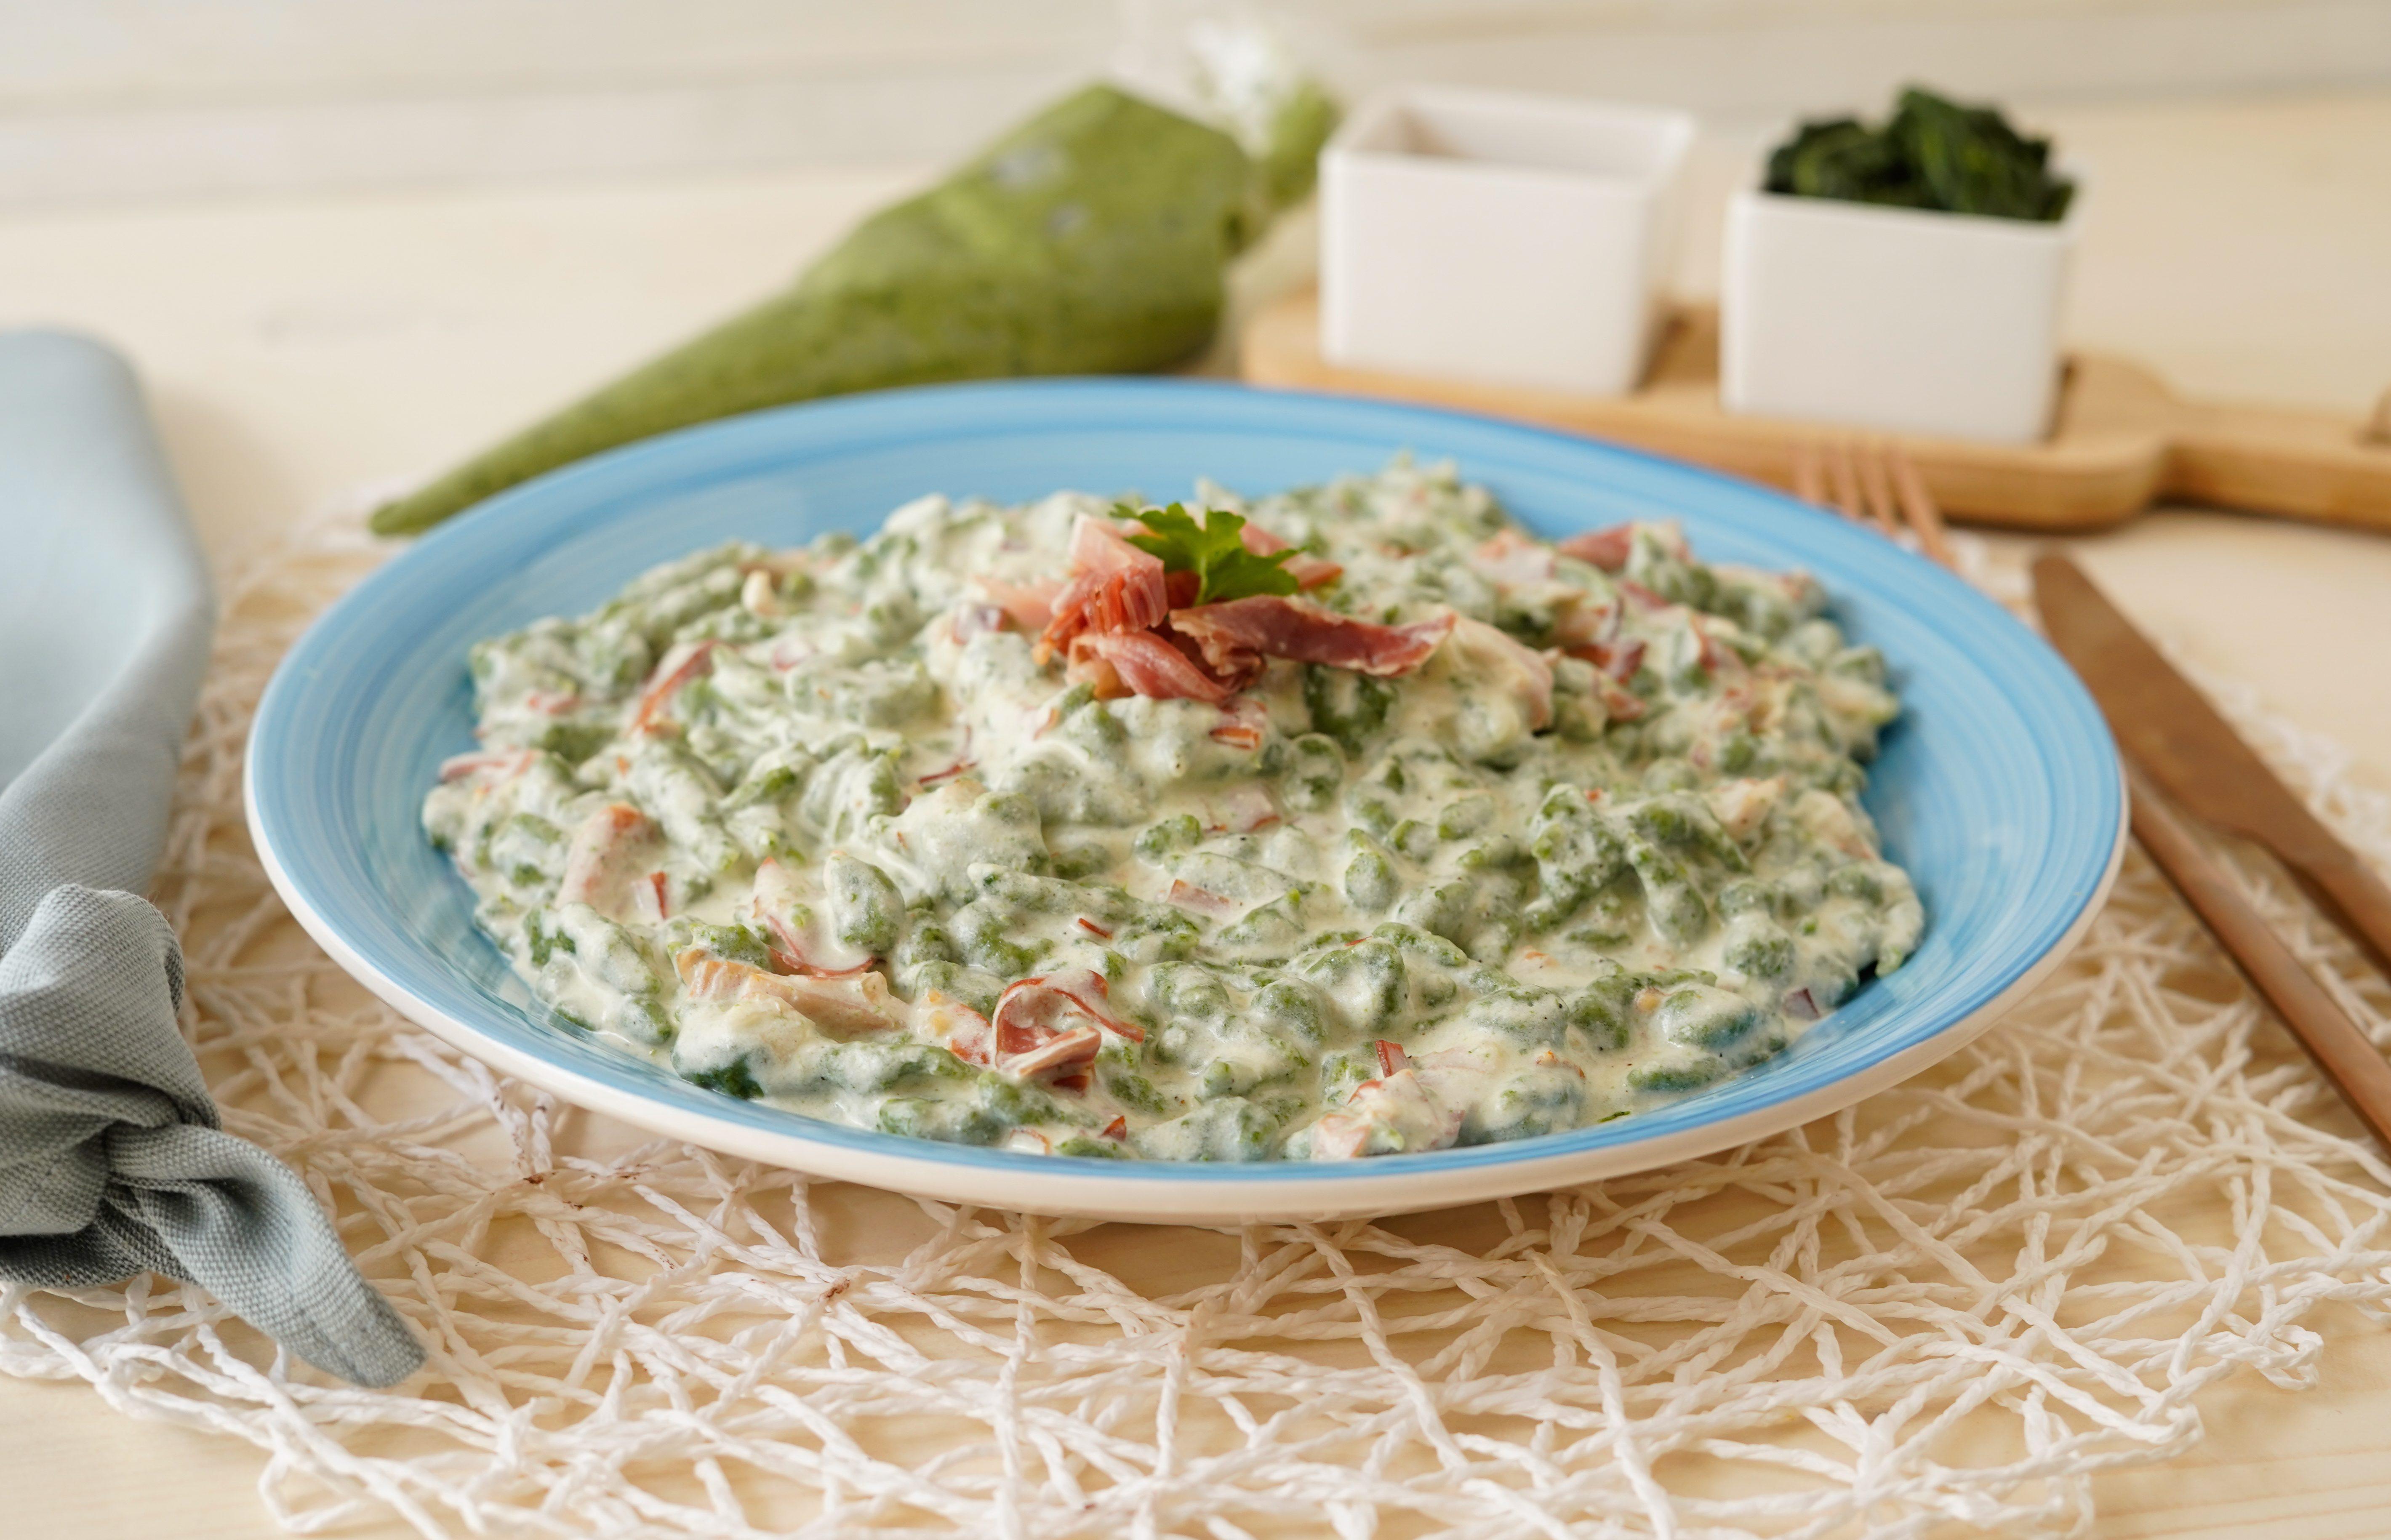 Spätzle agli spinaci: la ricetta della variante dei tipici gnocchetti tirolesi